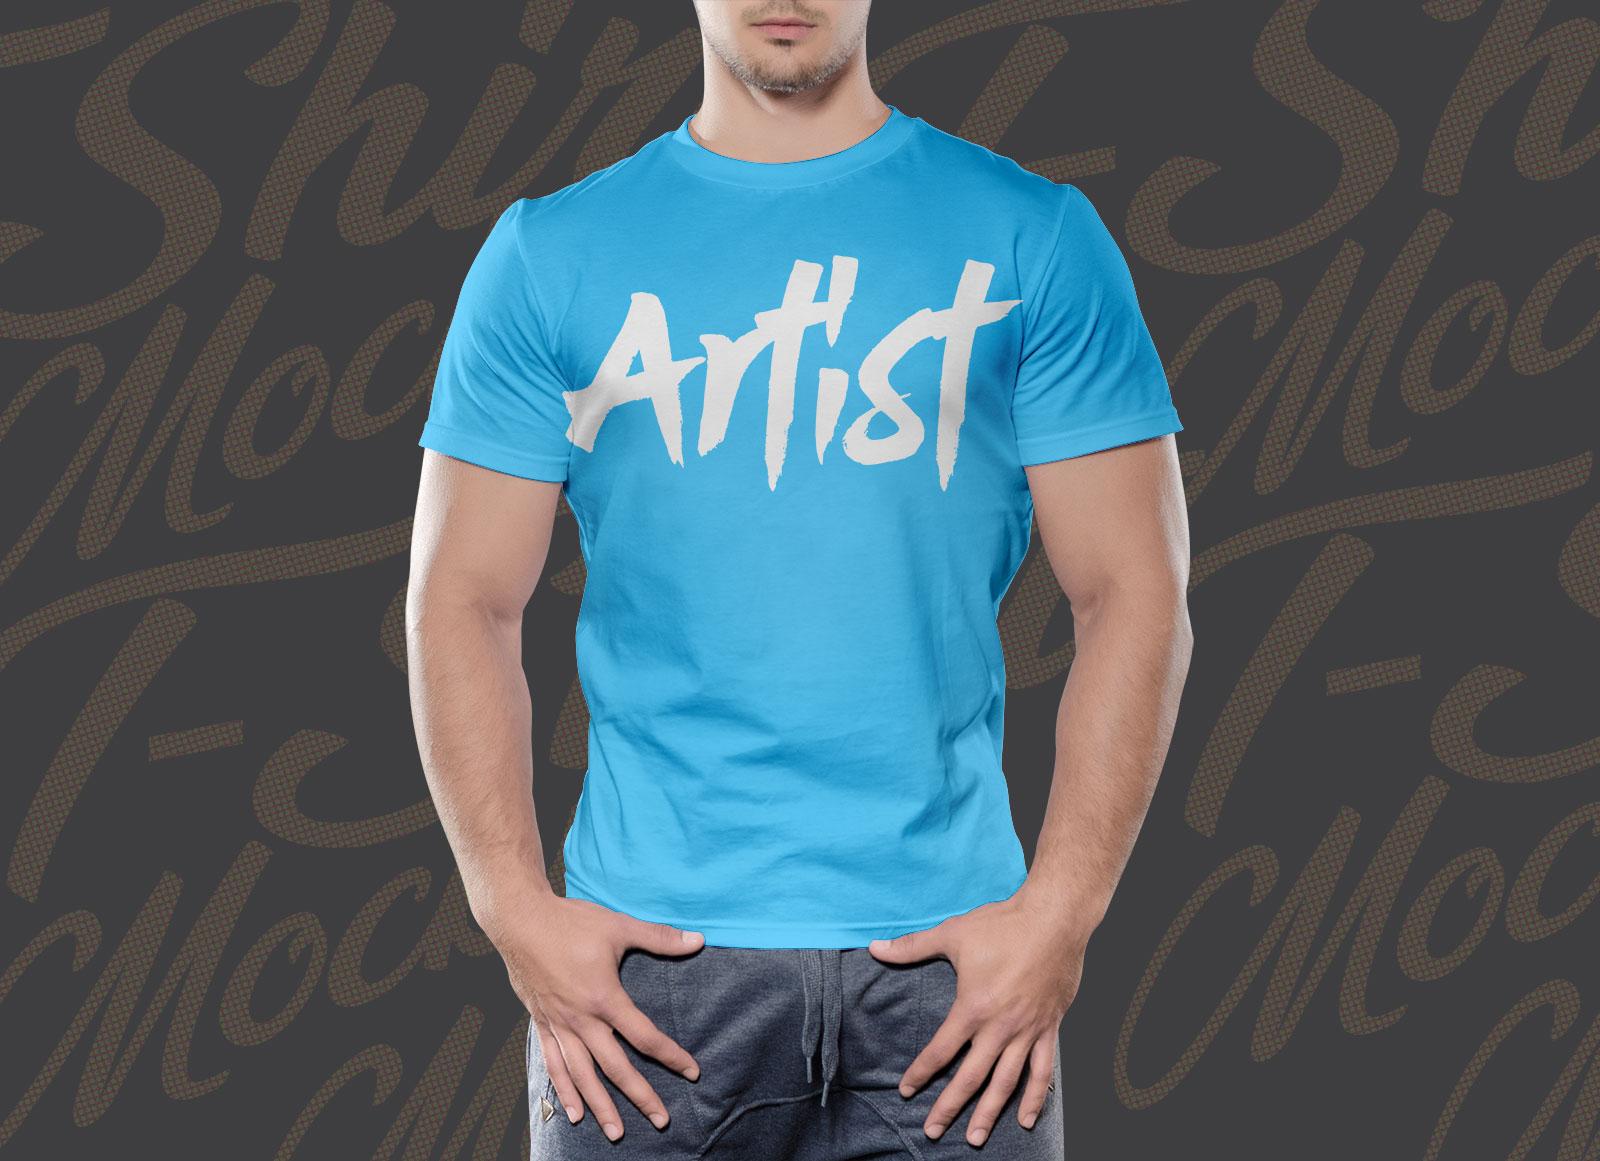 Free-Half-Sleeves-T-shirt-Mockup-PSD-2